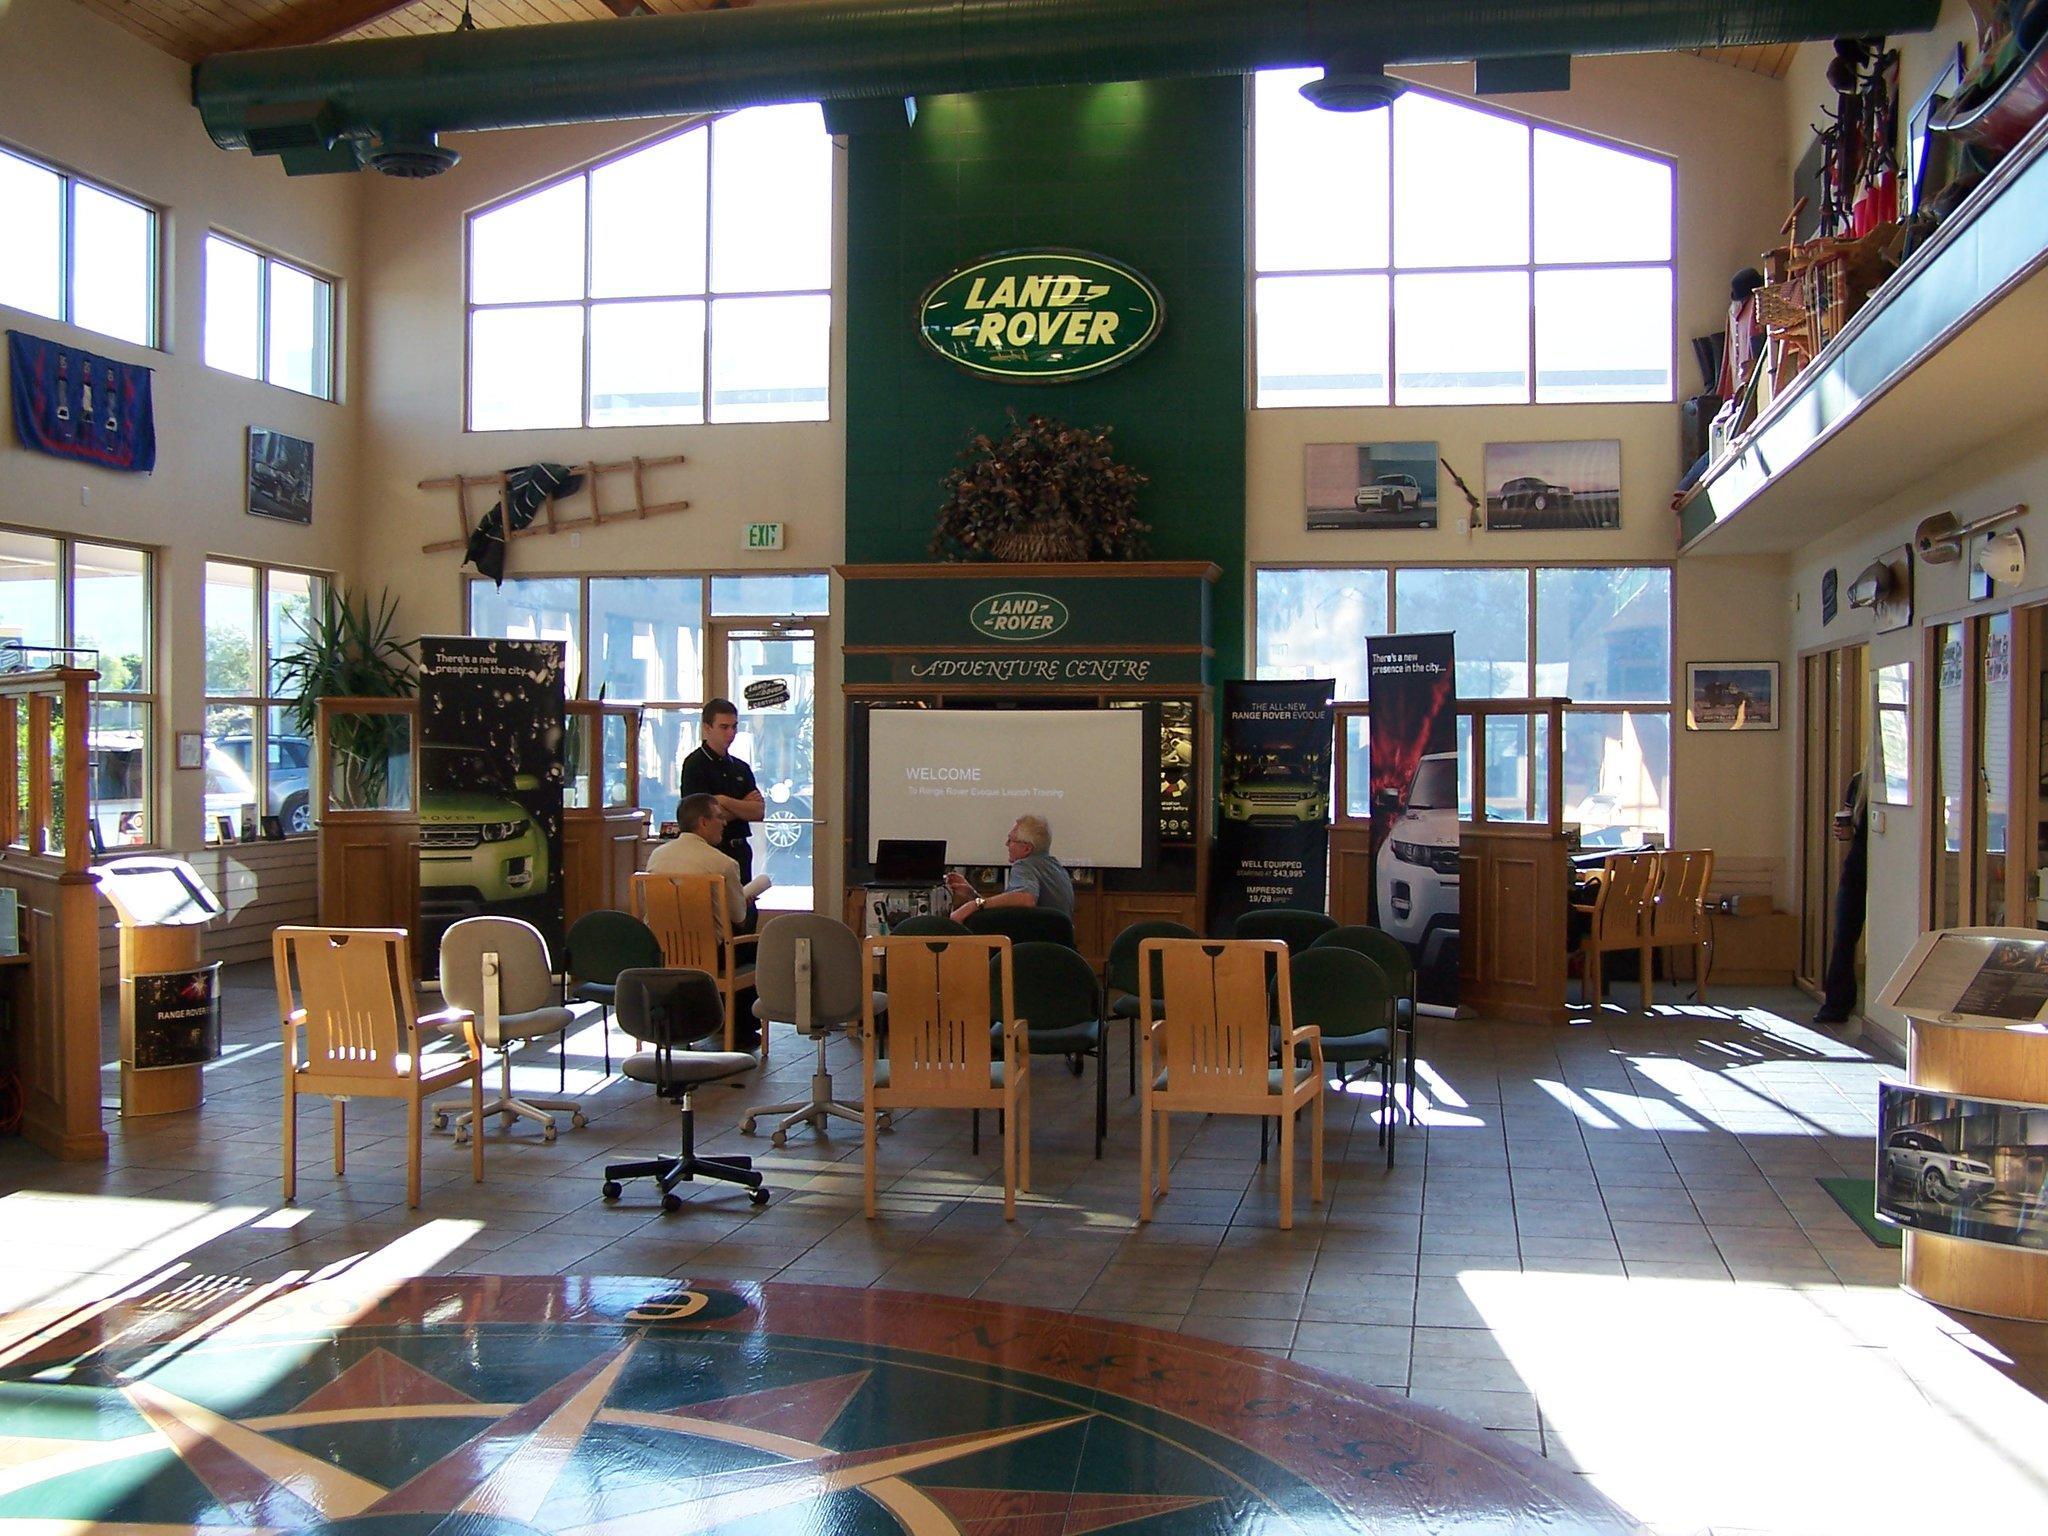 Land Rover Albuquerque image 1